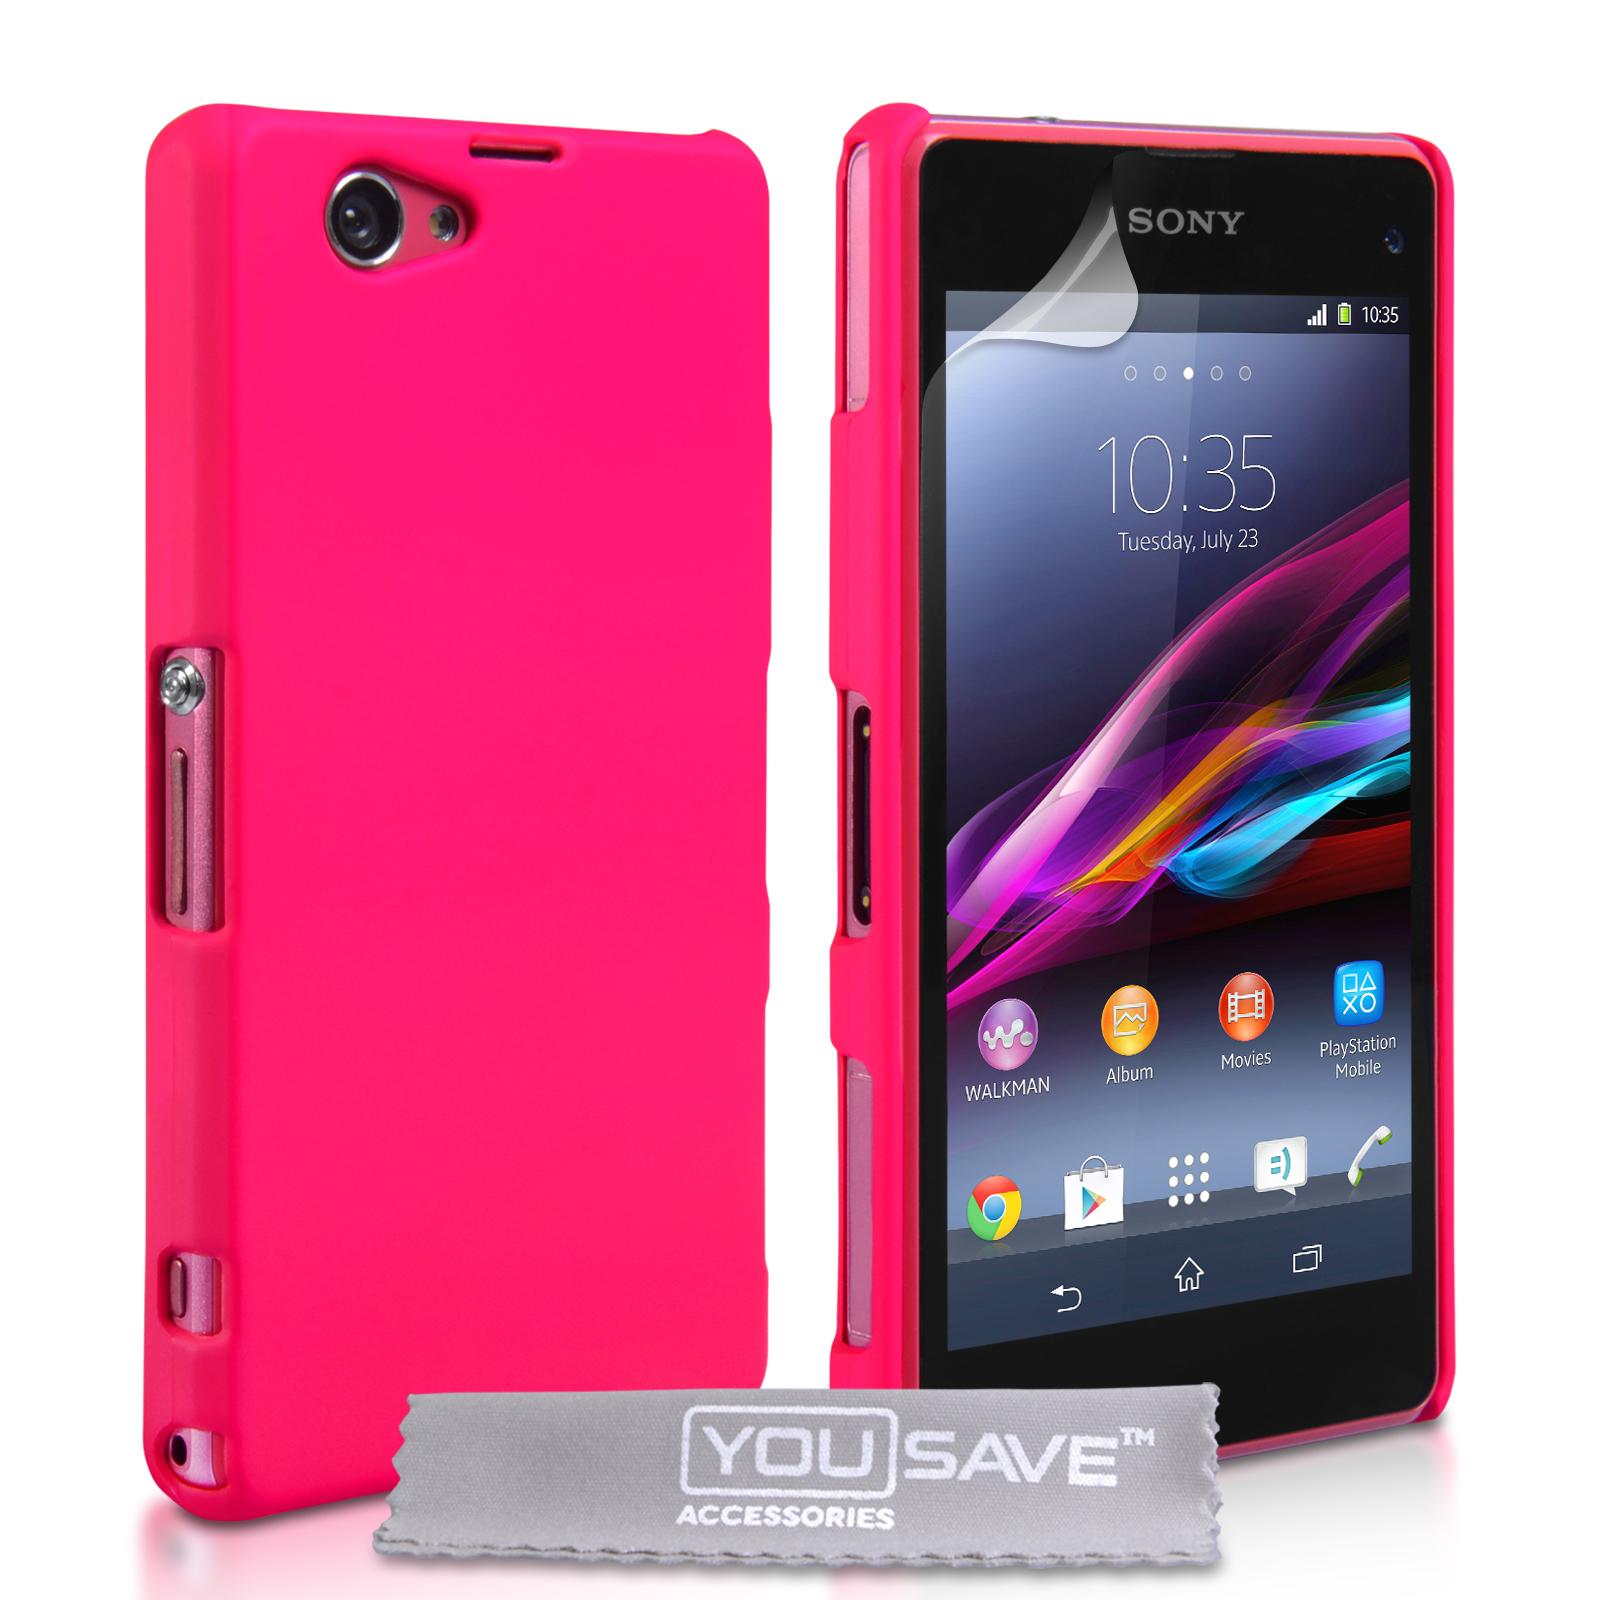 Θήκη Sony Xperia Z1 Compact by YouSave (Z935)